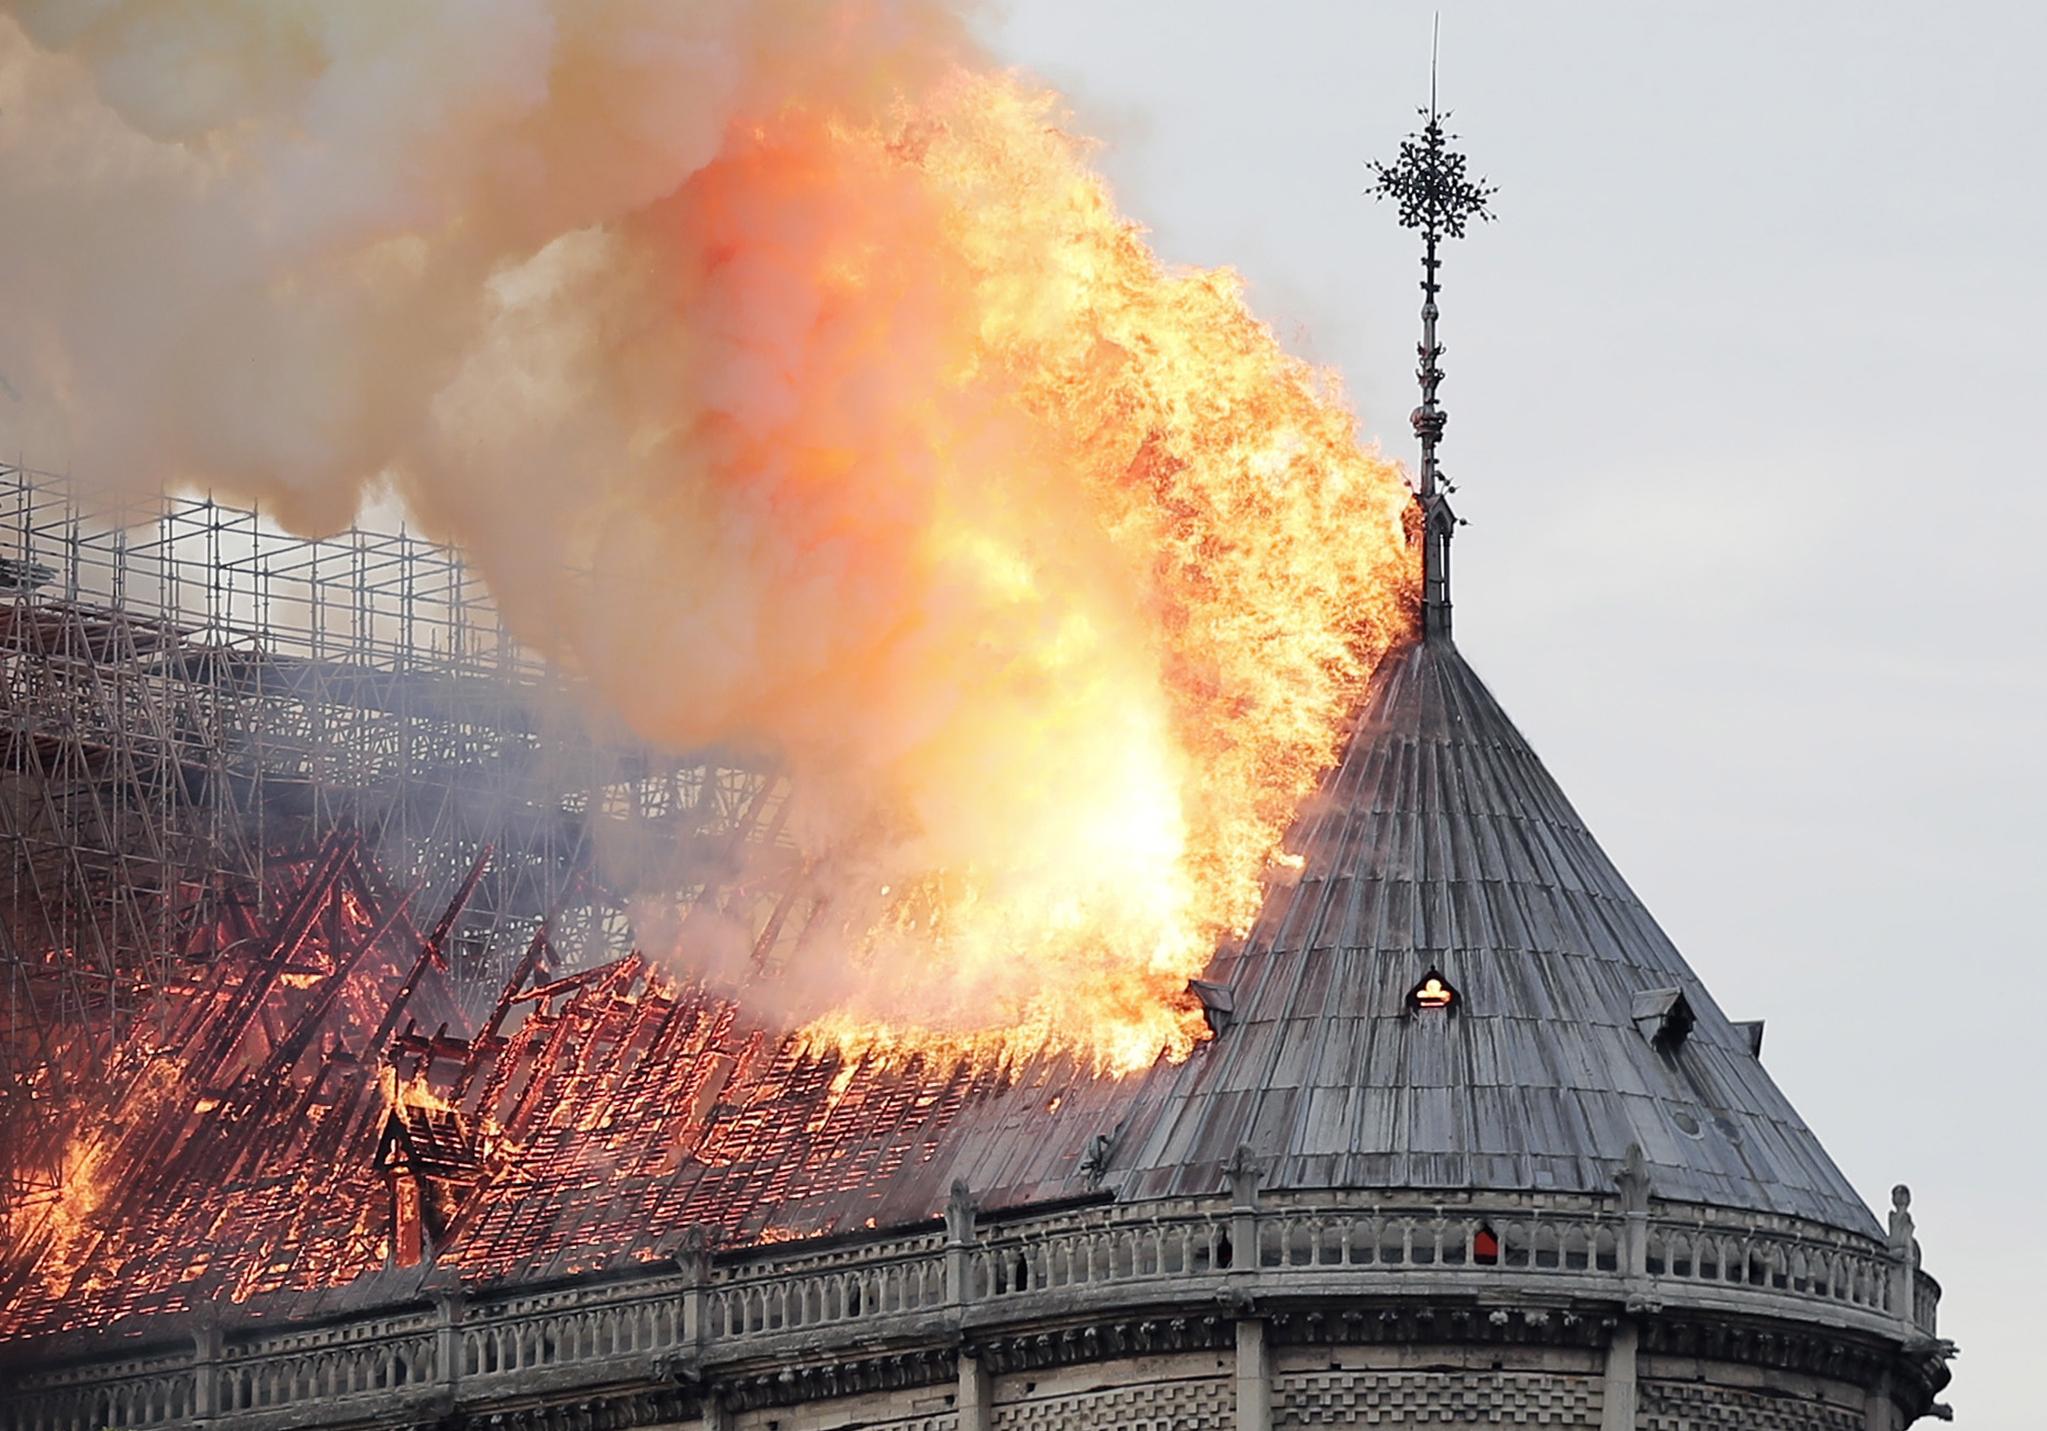 대성당의 목조 지붕이 화마로 뒤덮여 불타고 있다. [로이터=연합뉴스]